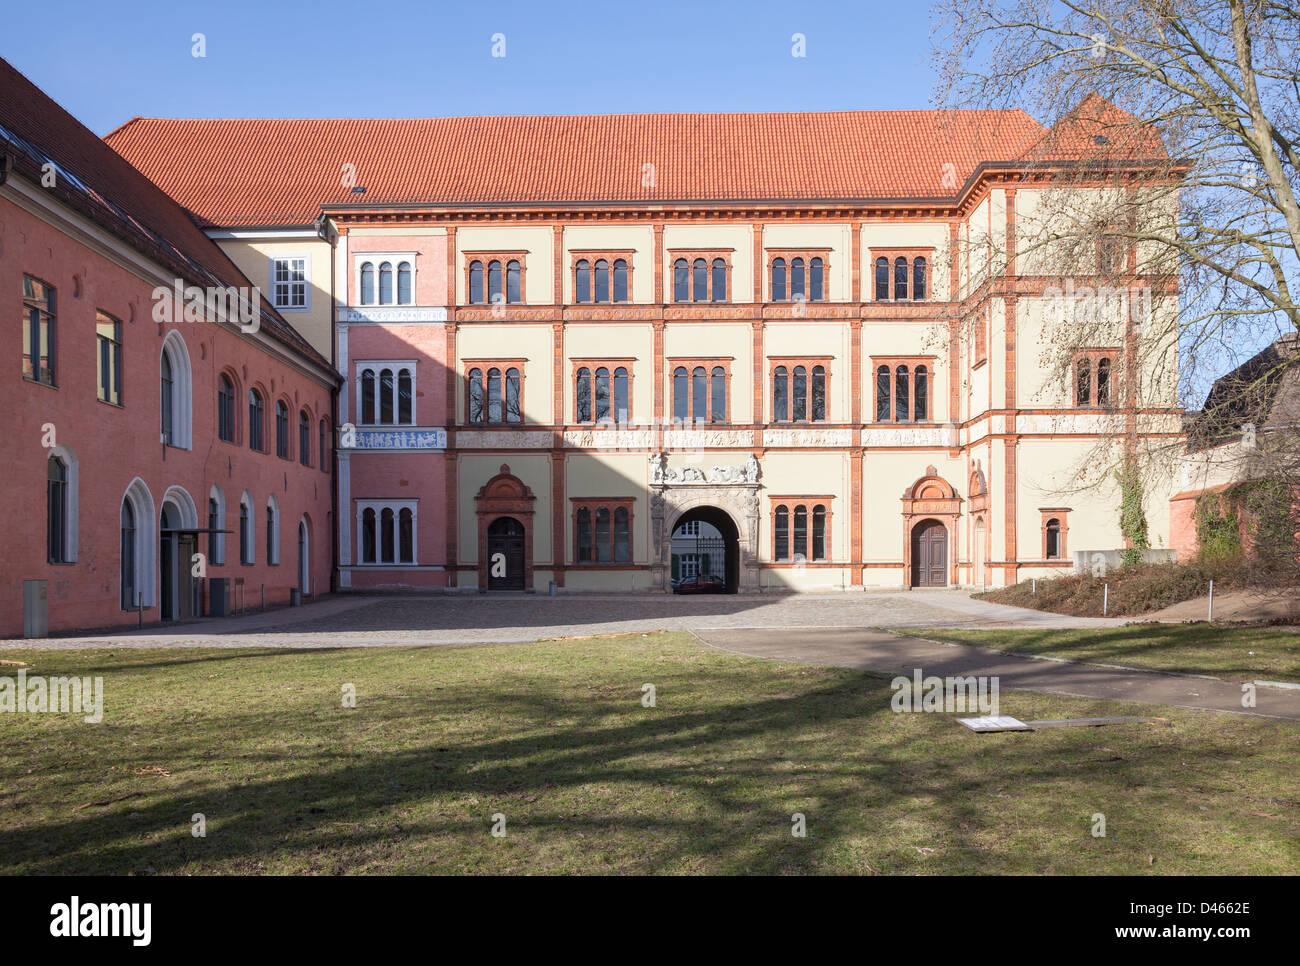 Fürstenhof, Wismar, Mecklenburg Vorpommern, Germany - Stock Image